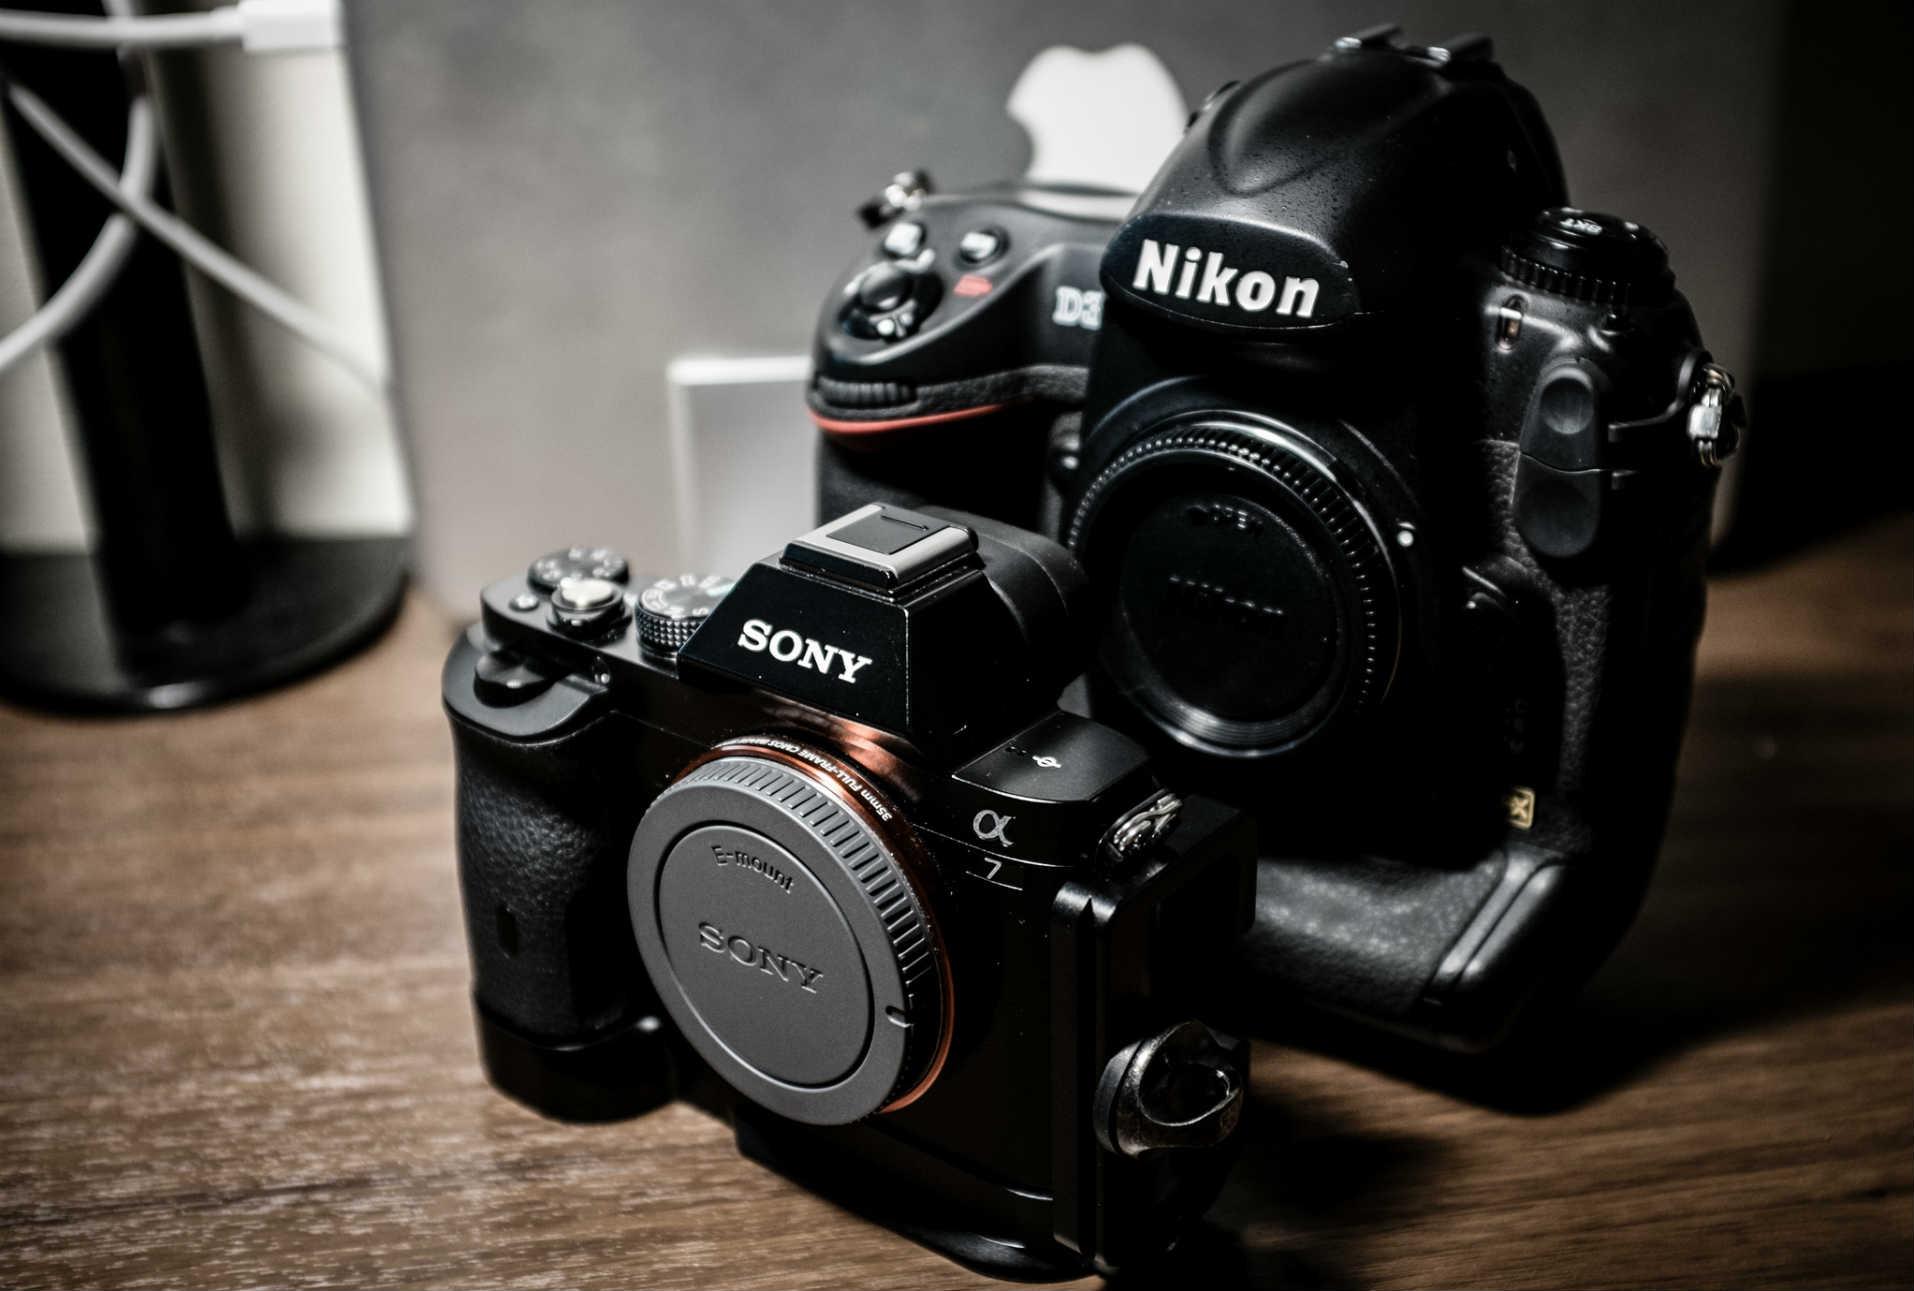 Fotógrafos del mundo exigen cifrado para poder ejercer la libertad de expresión